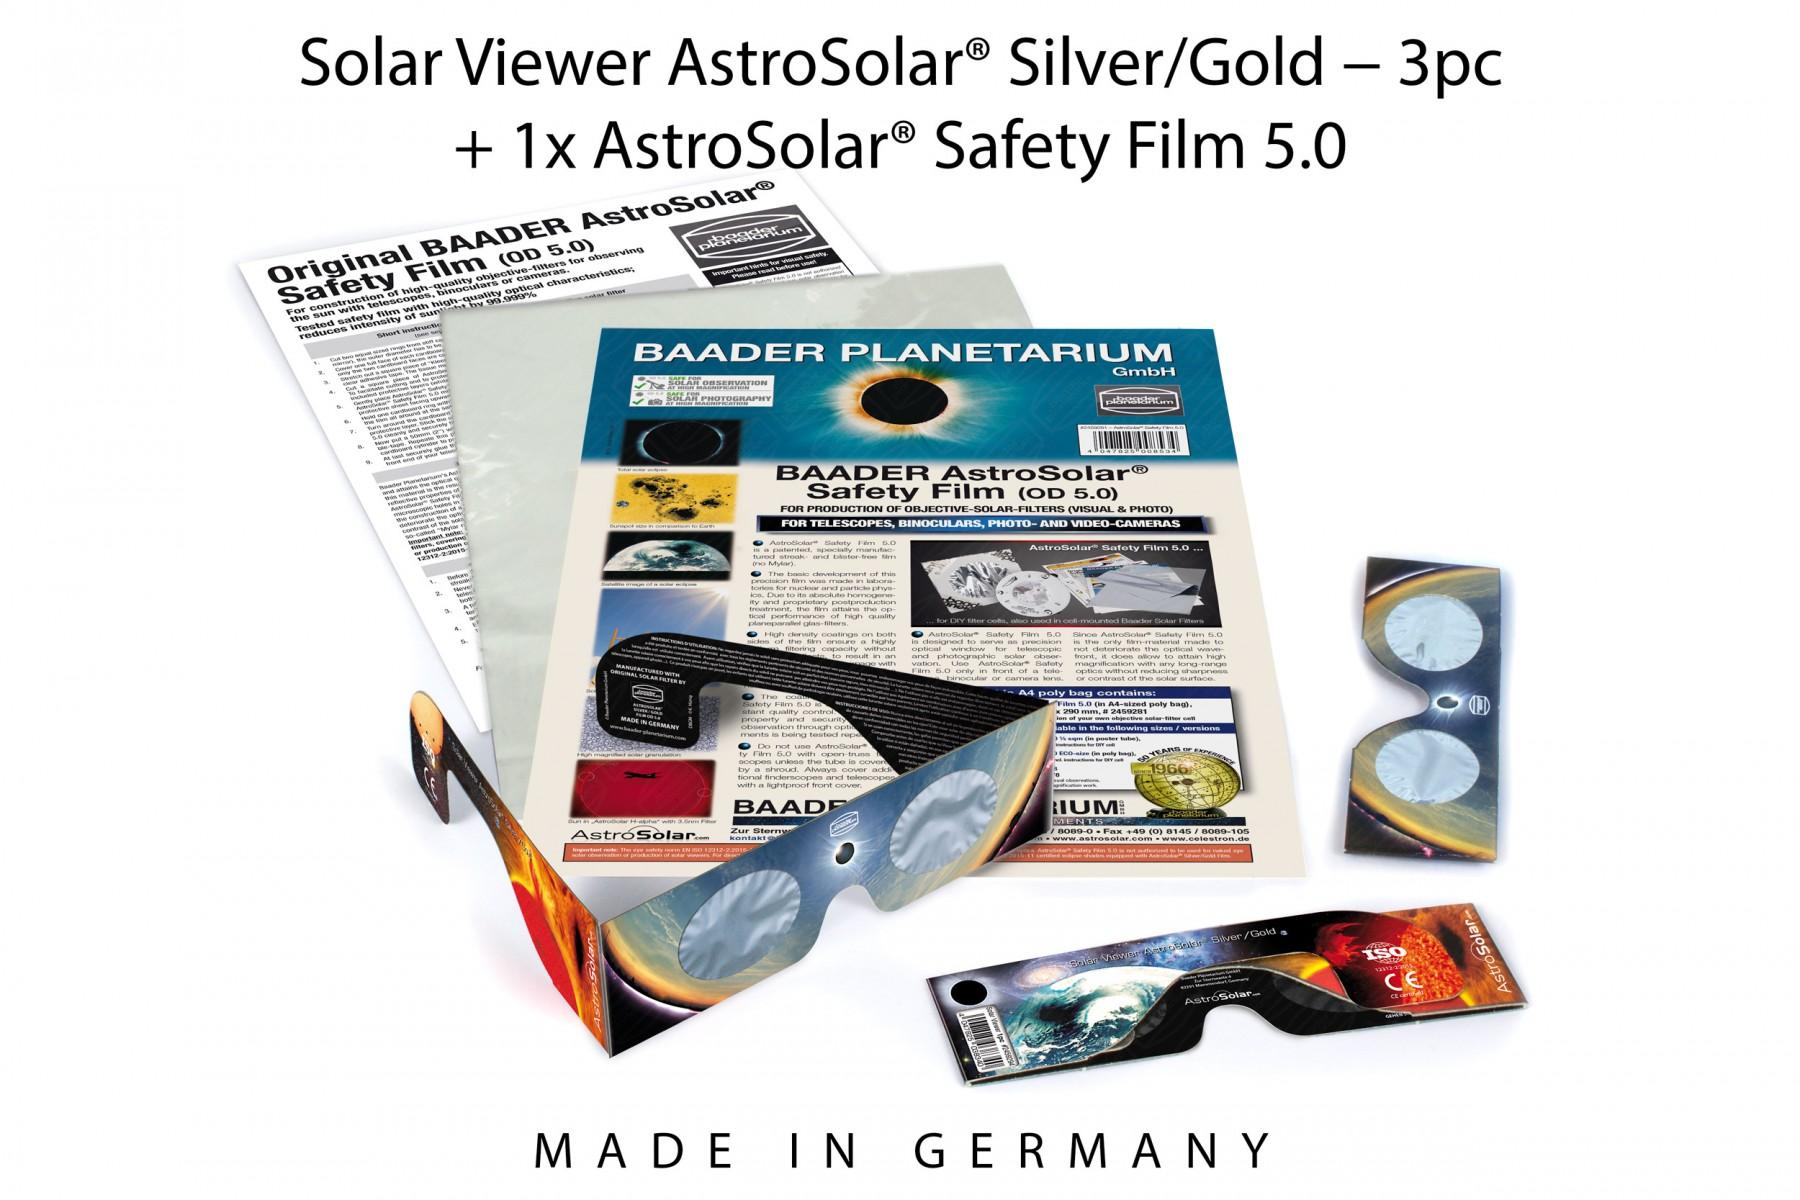 3pc Solar Viewer AstroSolar® Silver/Gold + 1x AstroSolar® Safety Film 5.0 - 20x29 cm